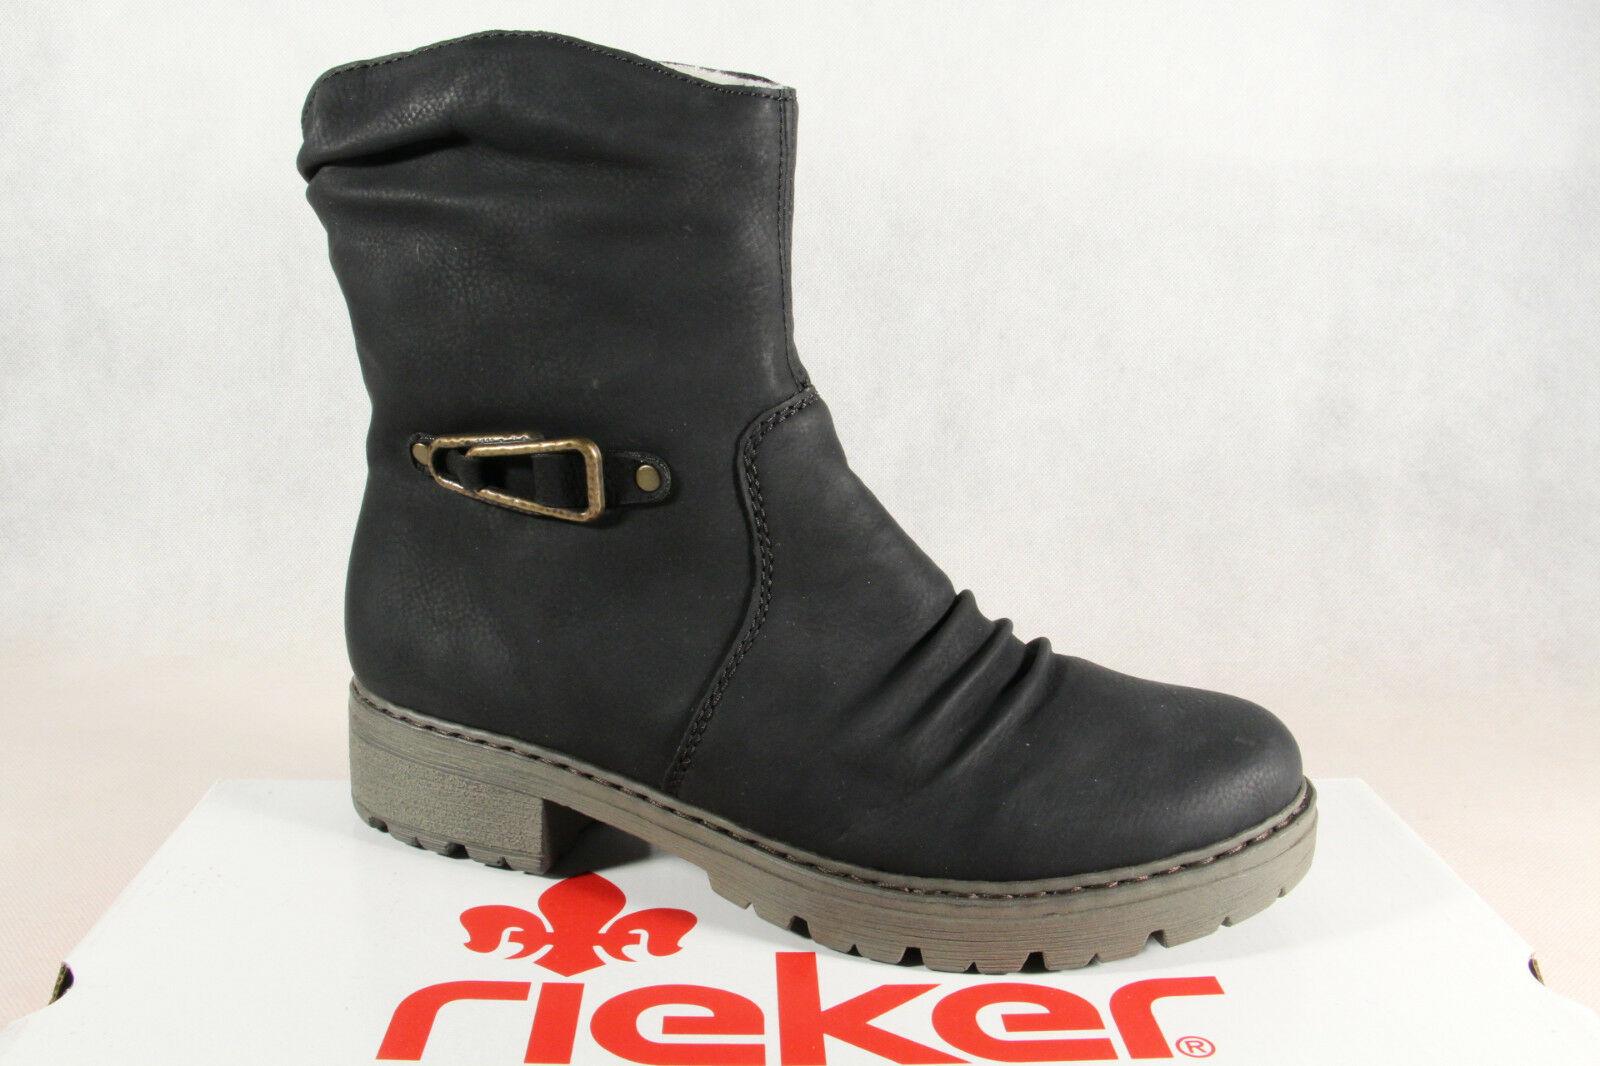 Stiefel Y9061 00 Winterstiefel von Rieker